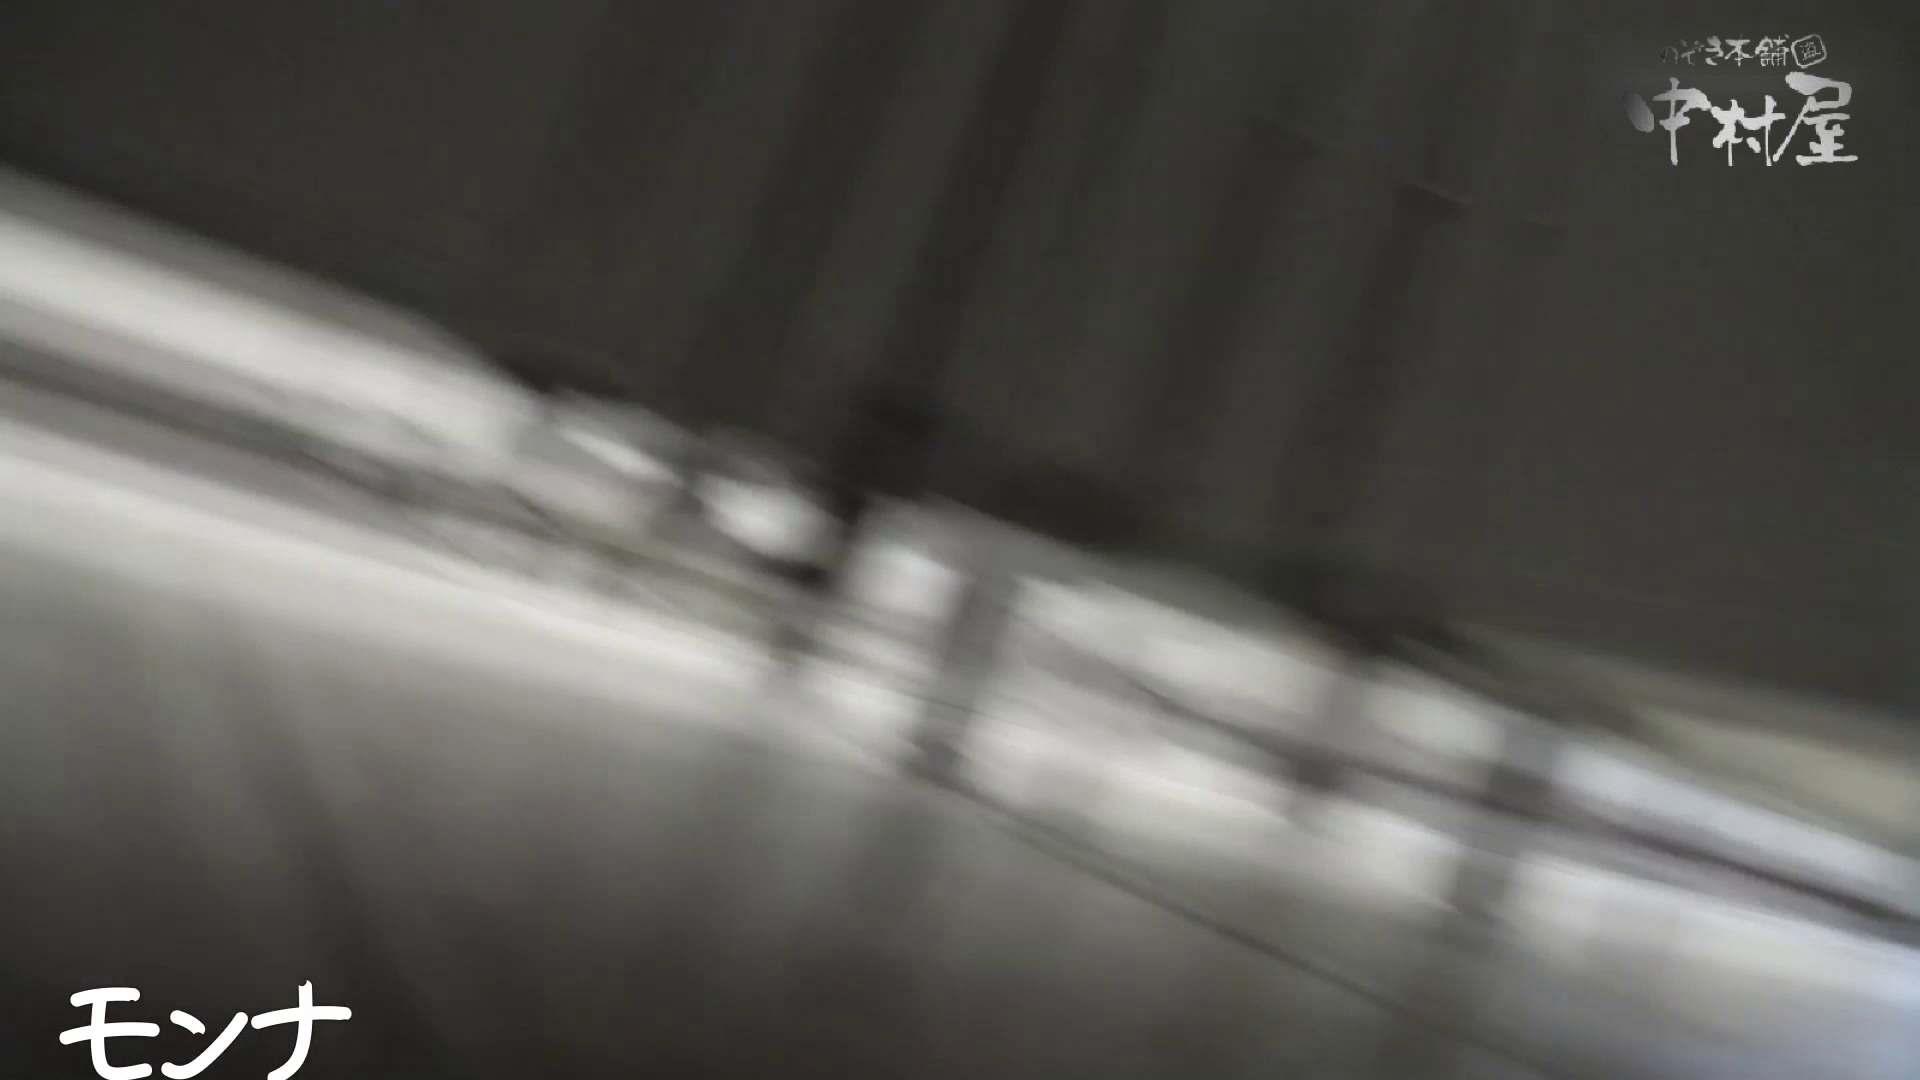 美しい日本の未来 No.52 顔とのギャップが!!清楚な顔の子はボウボウ 覗き | 盗撮  74PICs 28